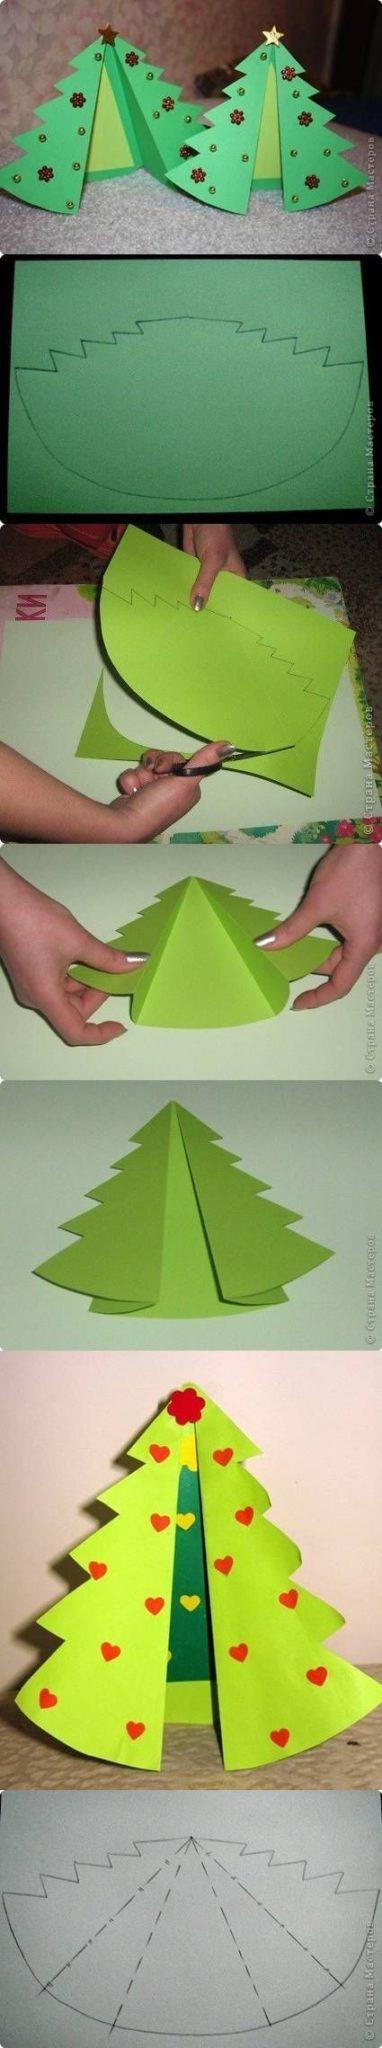 arboles de navidad infantiles con papel